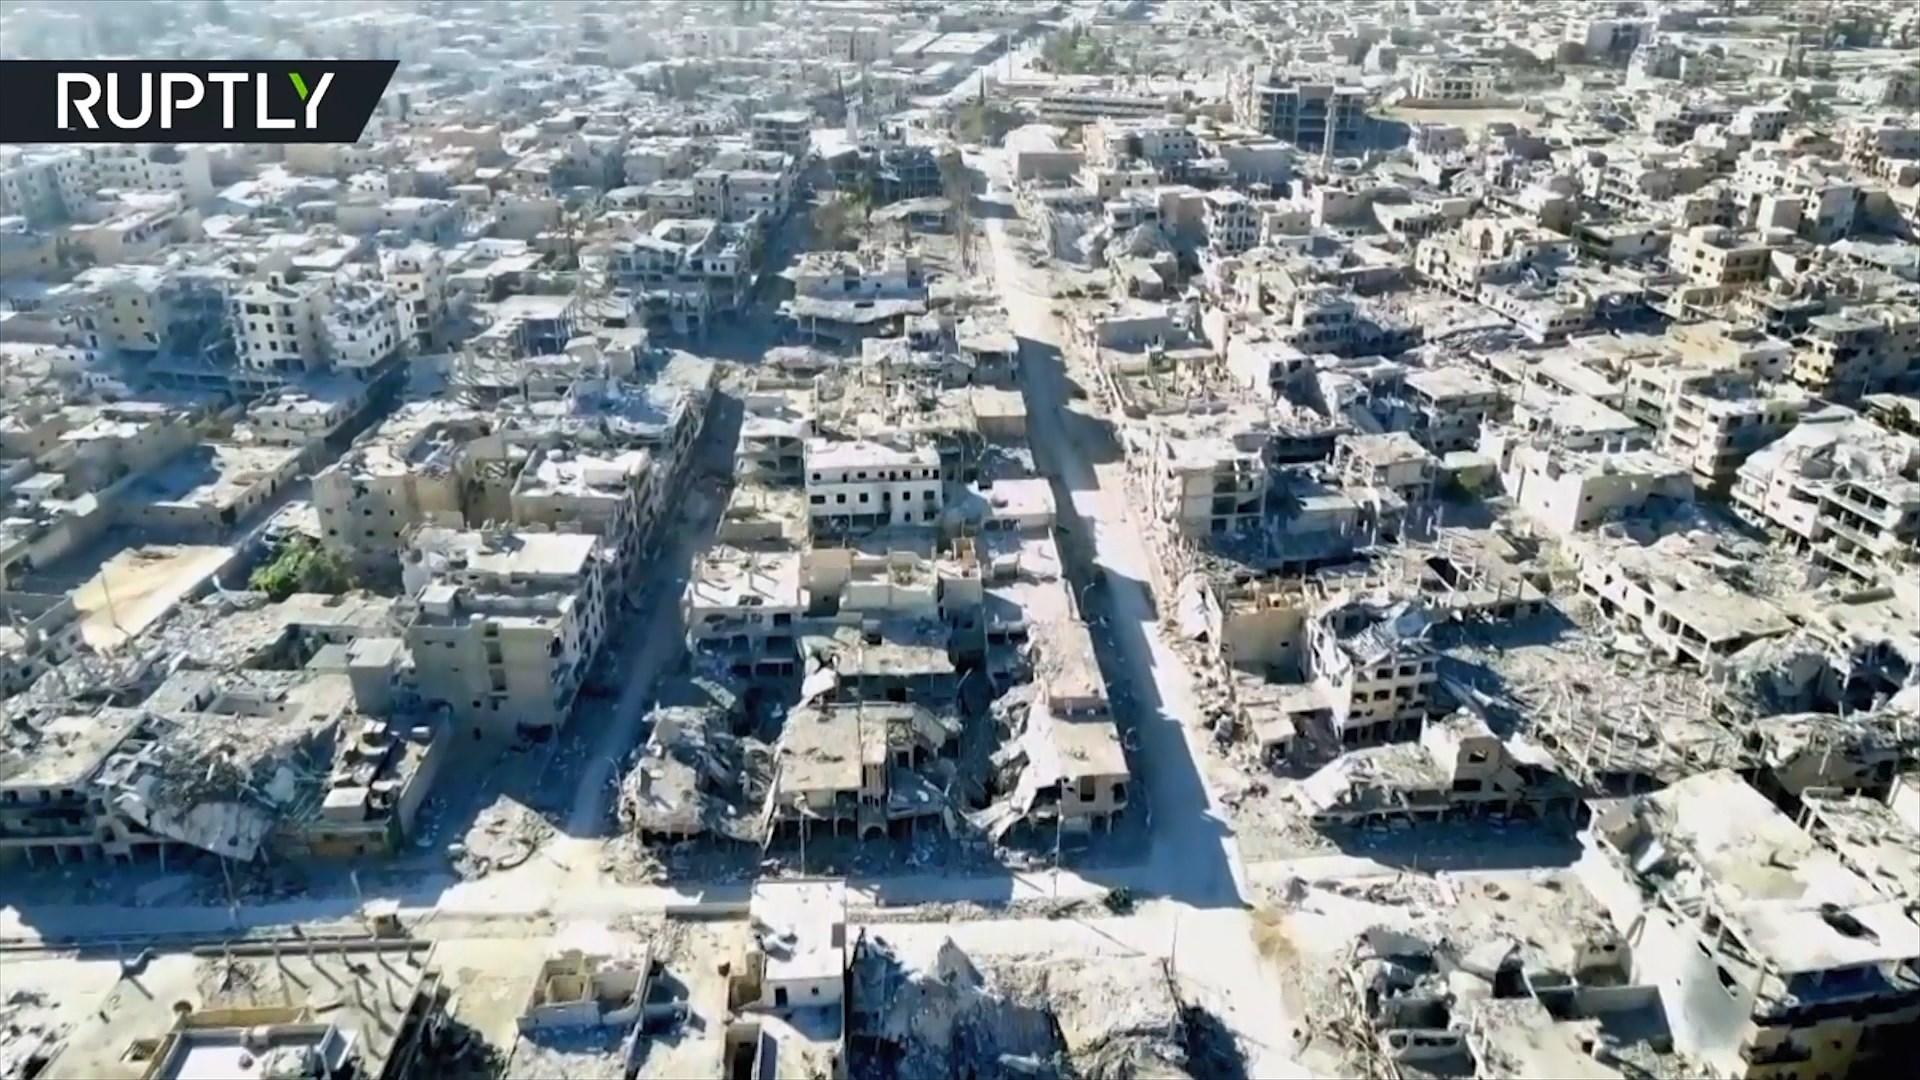 Organizata për ndalimin e armëve kimike: Inspektorët morën kampione nga Douma